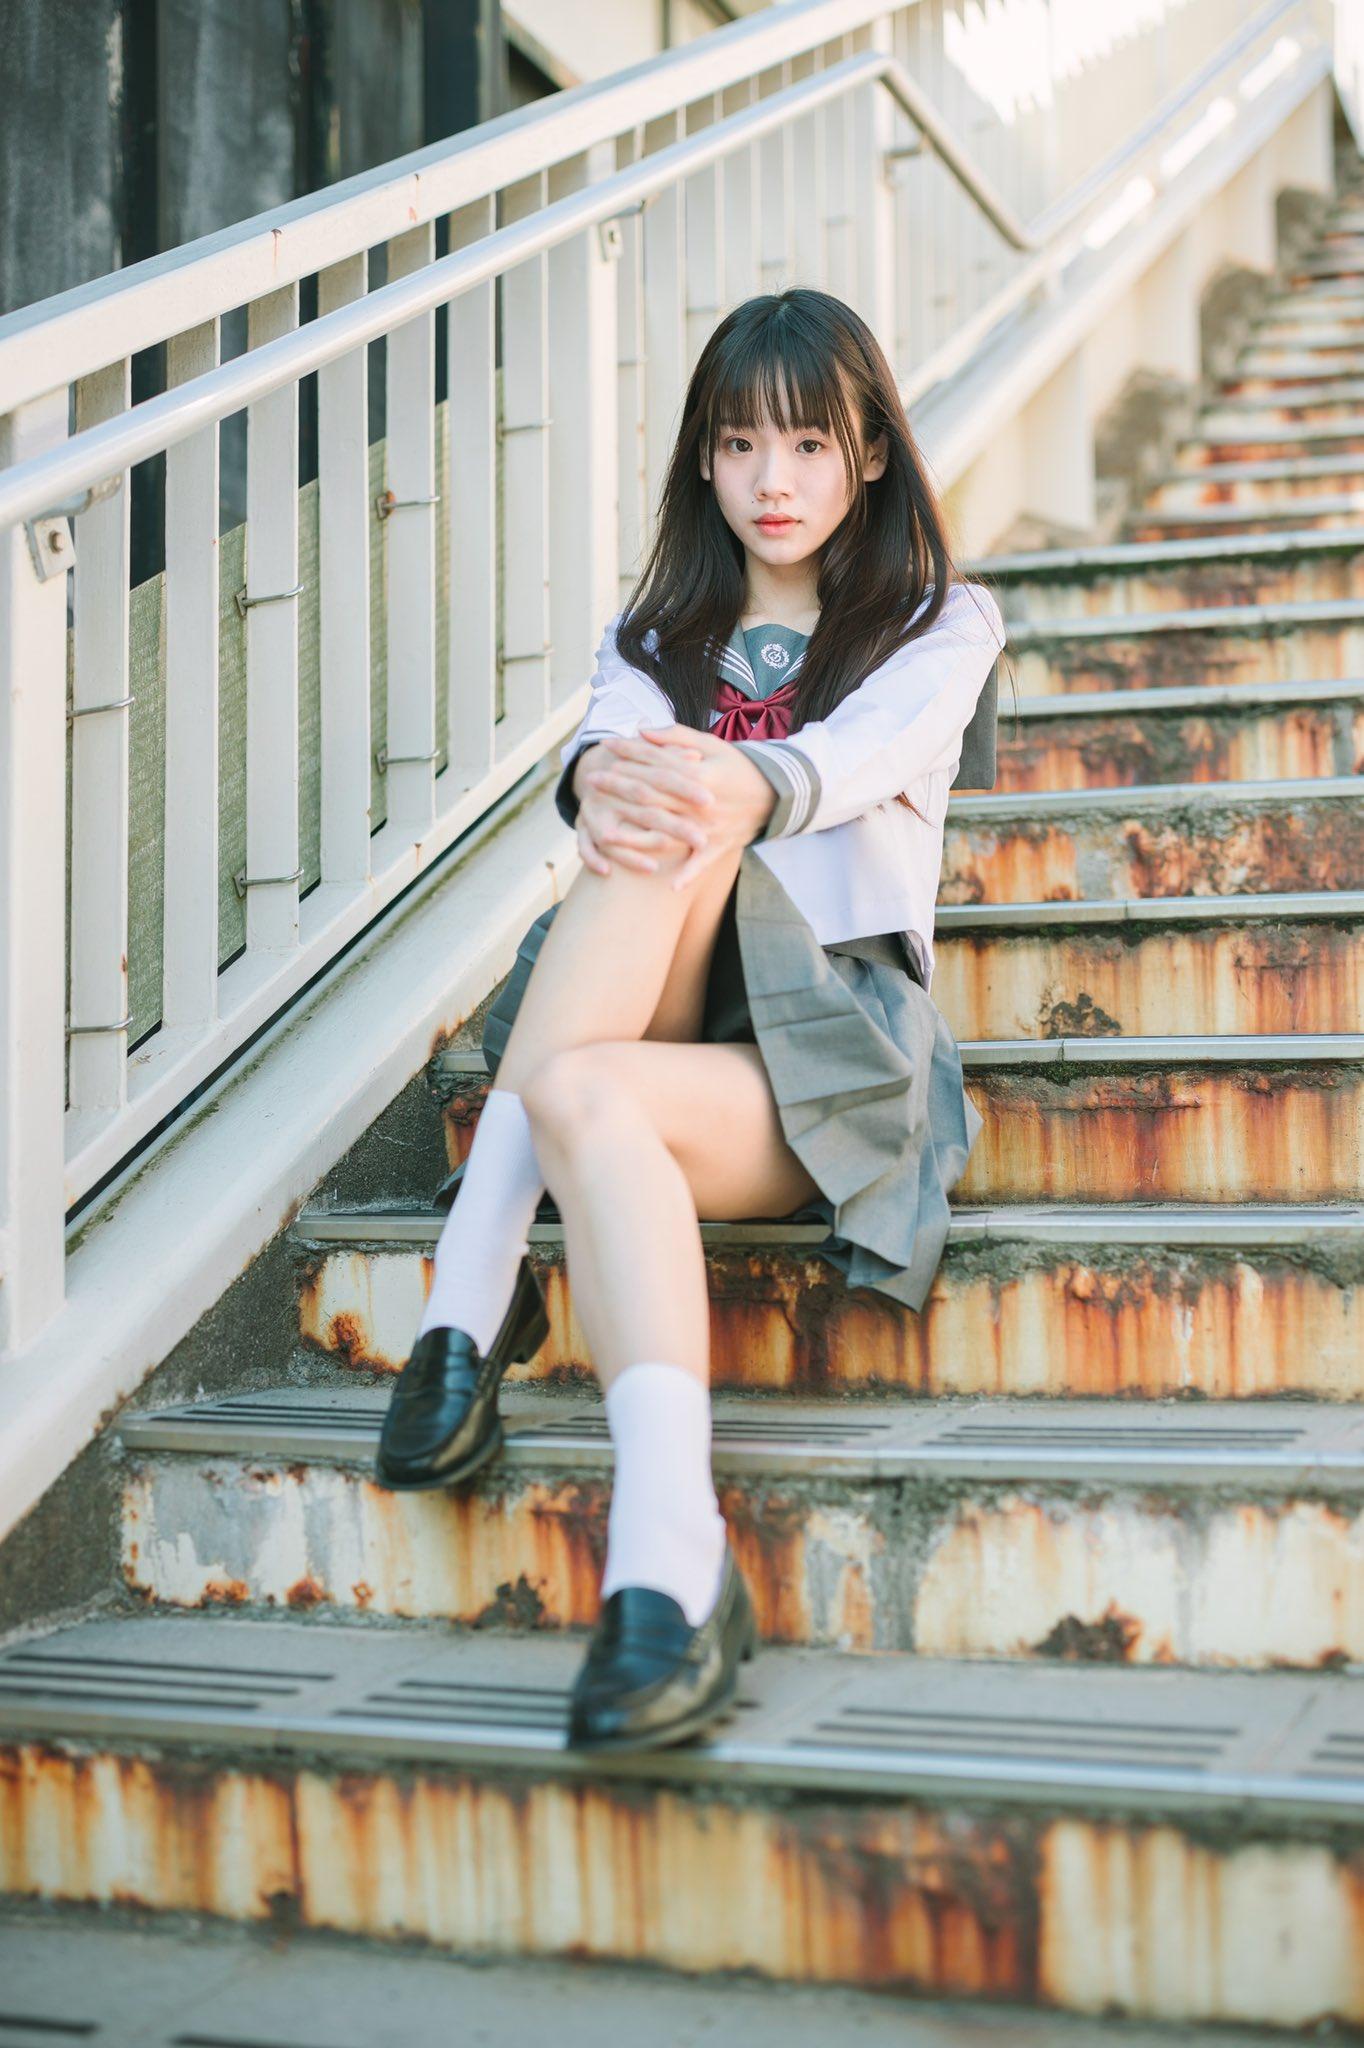 水手服美少女坐在生鏽的階梯上,若有所思💗